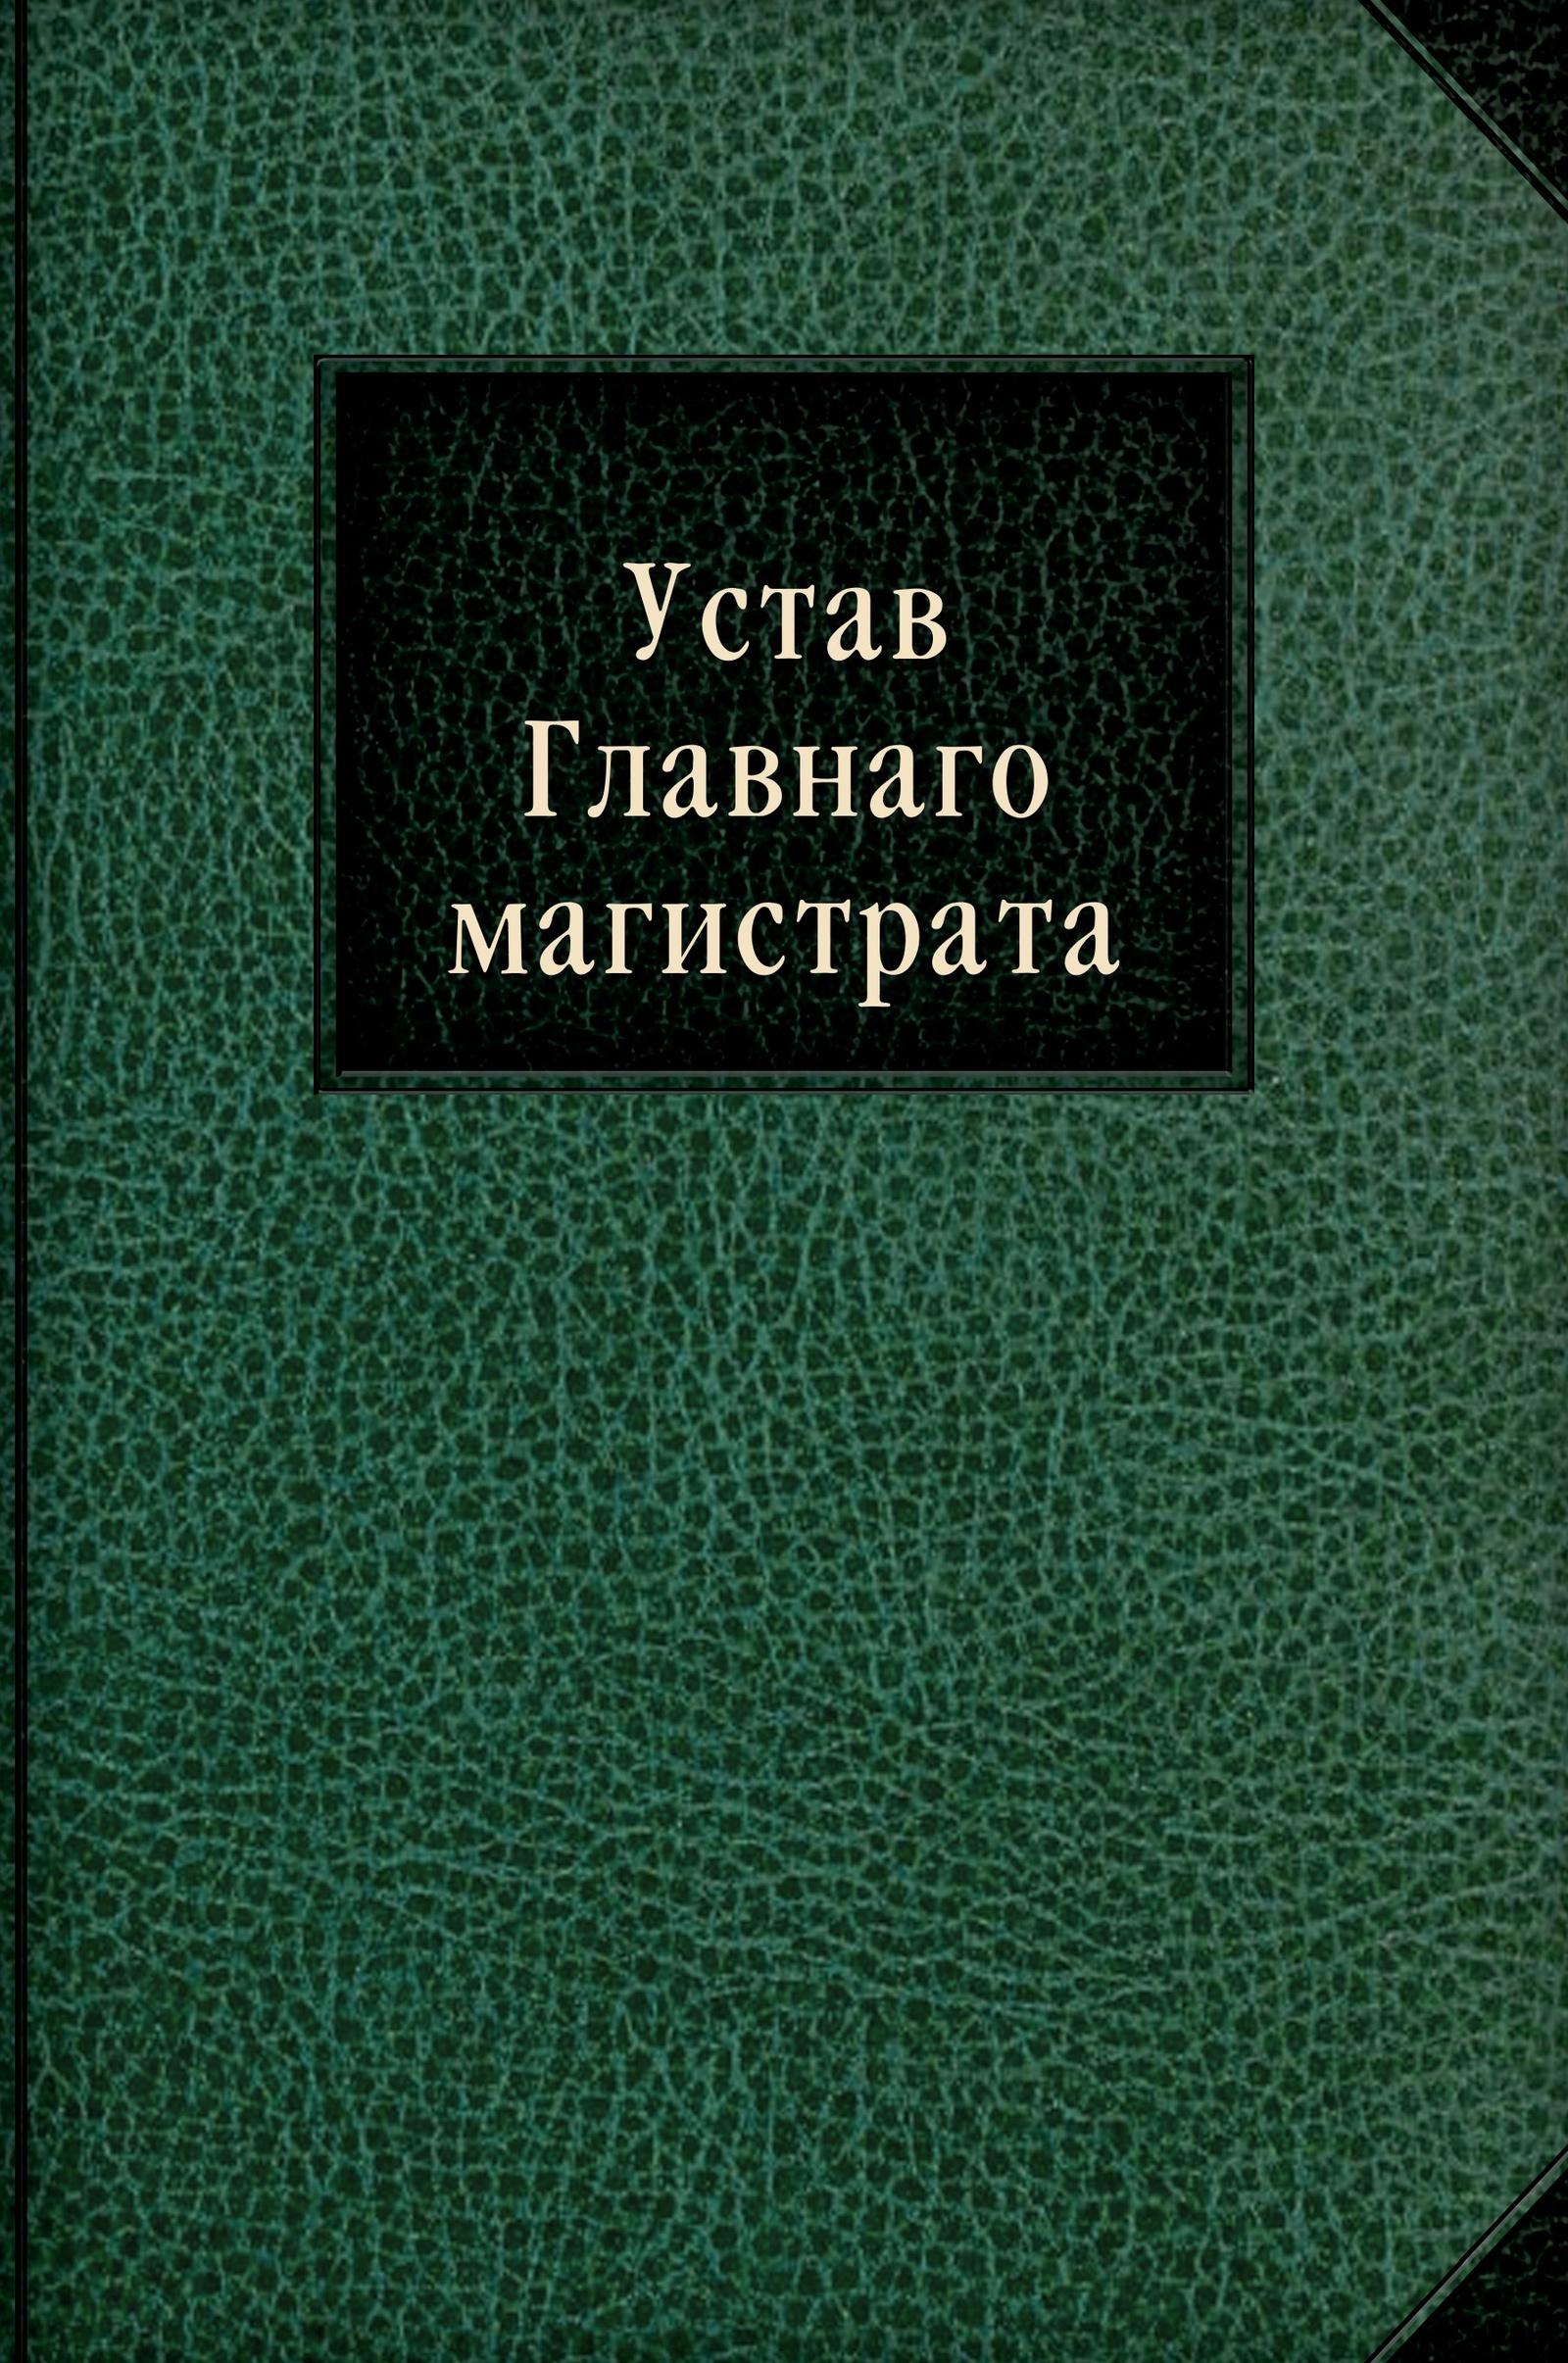 Неизвестный автор Устав Главнаго магистрата отсутствует инструкция всем магистратам данная в 1724 году из главнаго магистрата